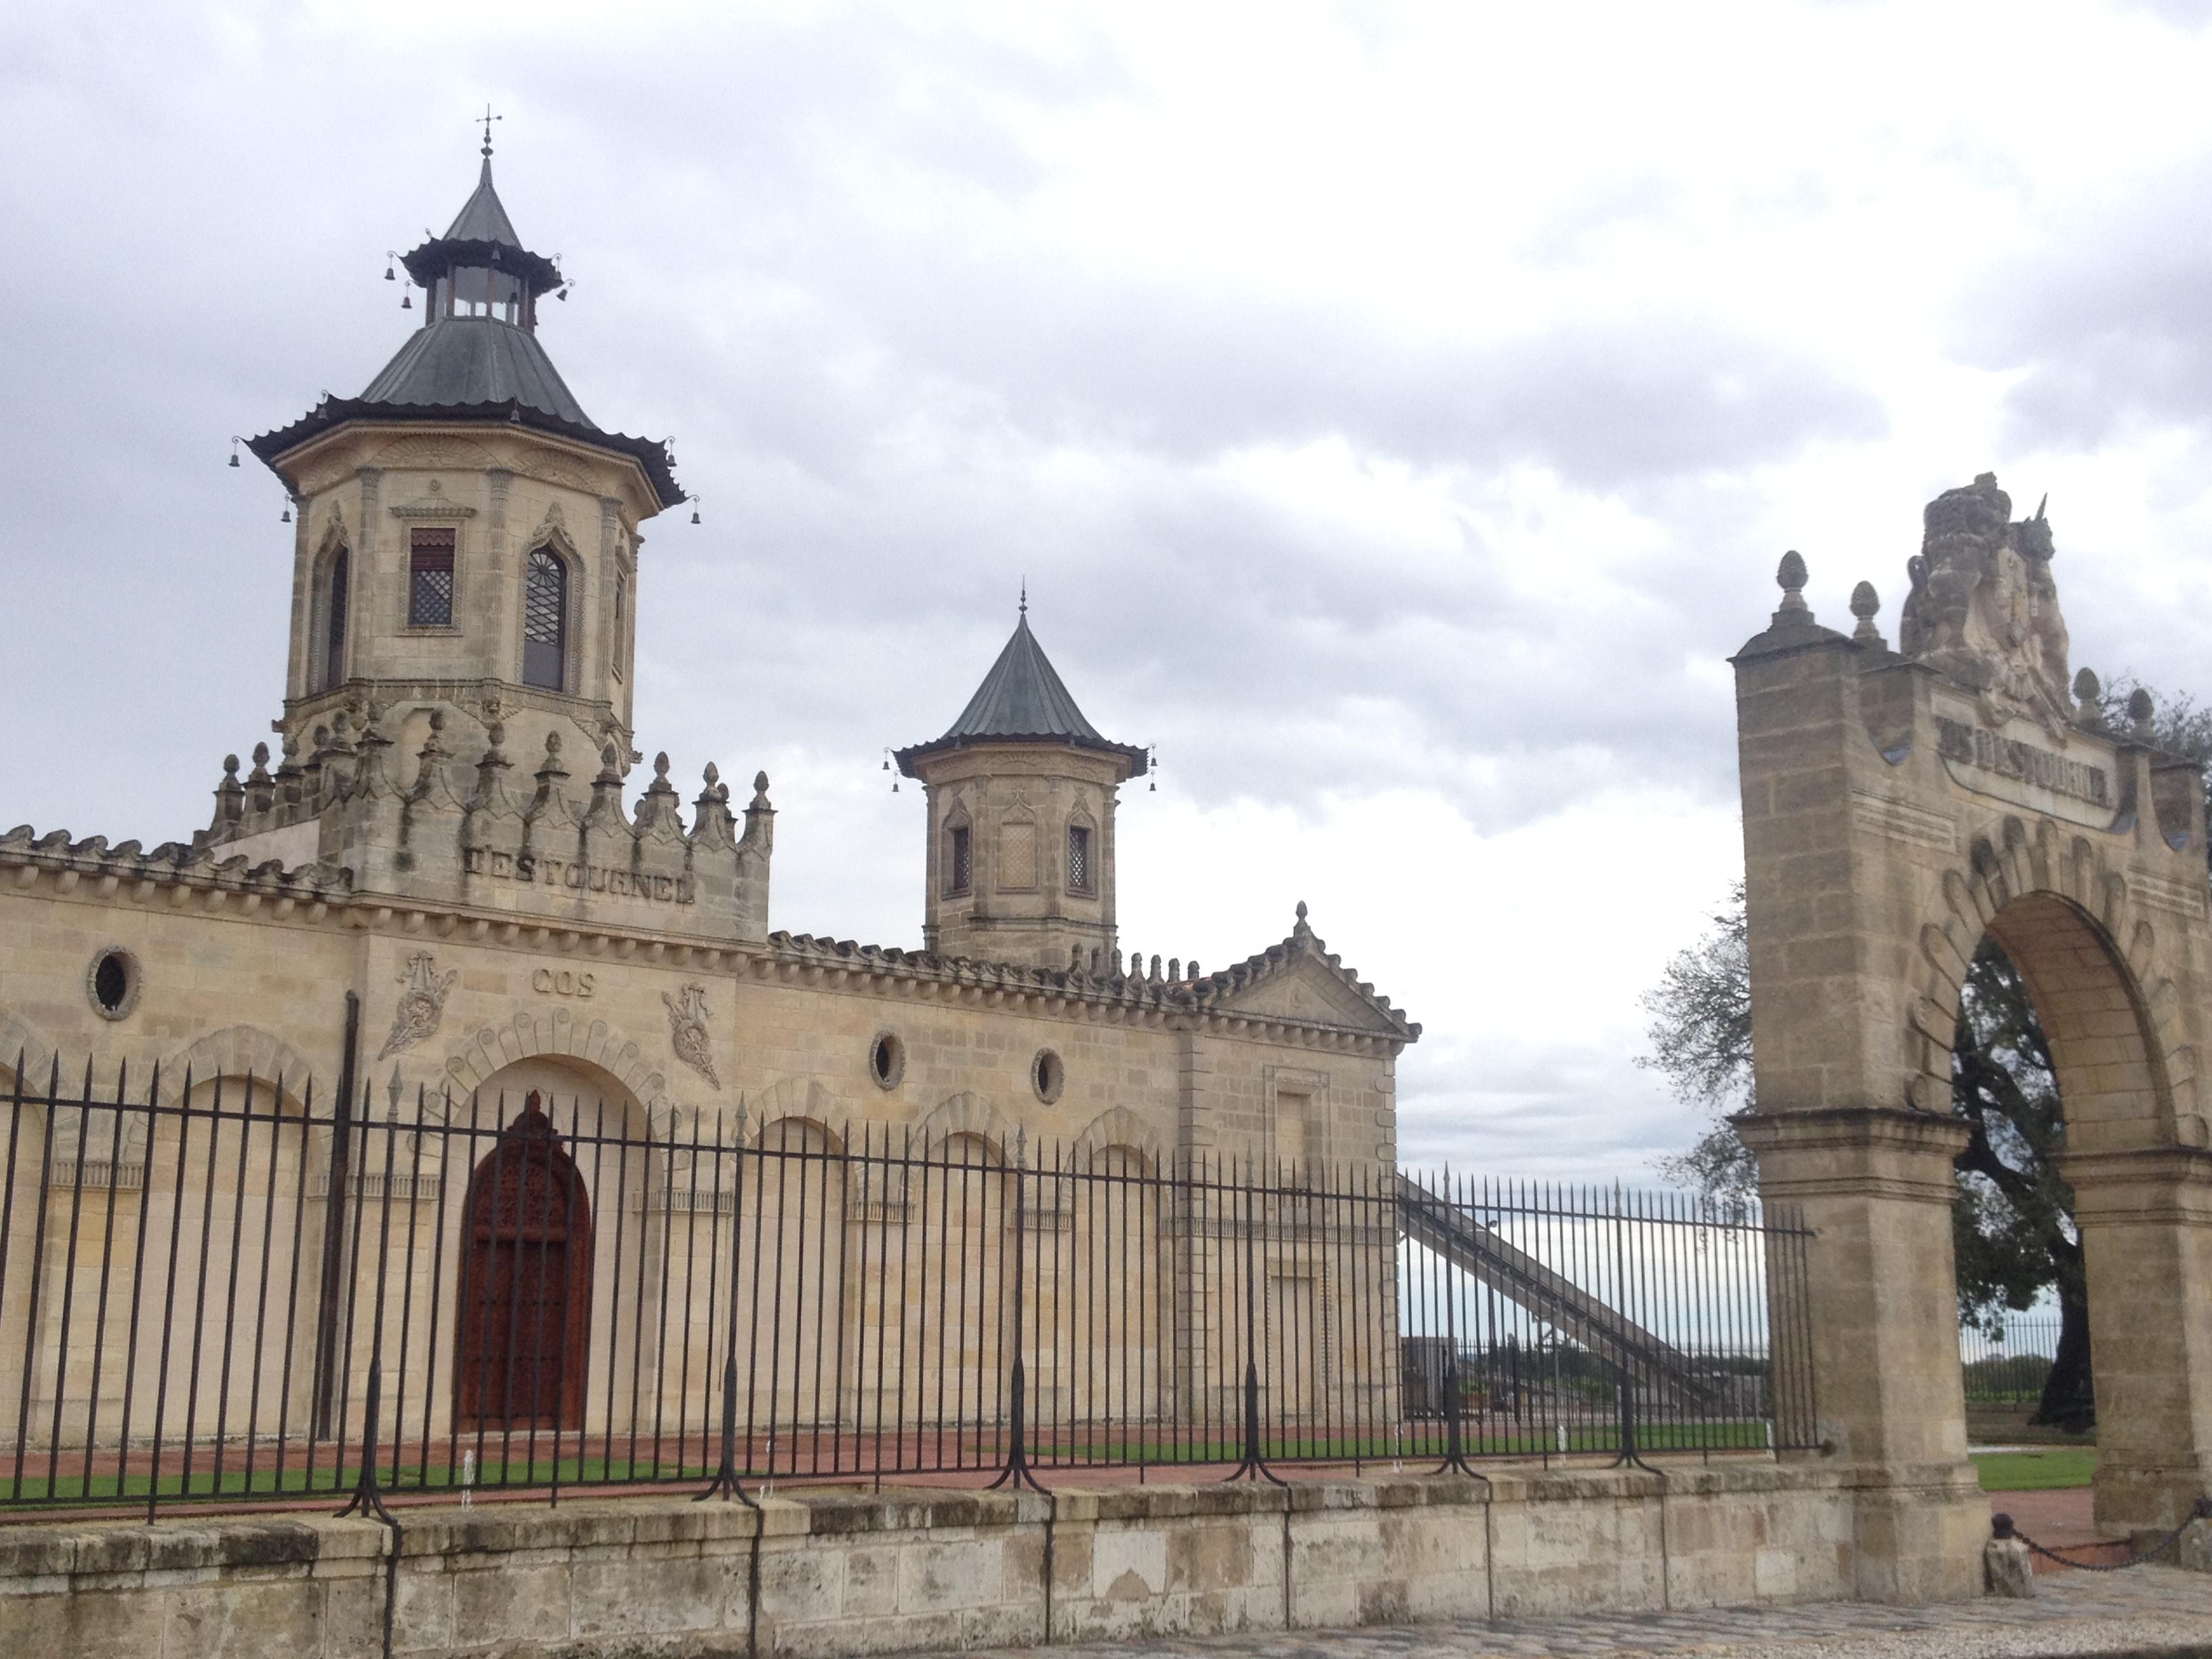 Medoc Chateau